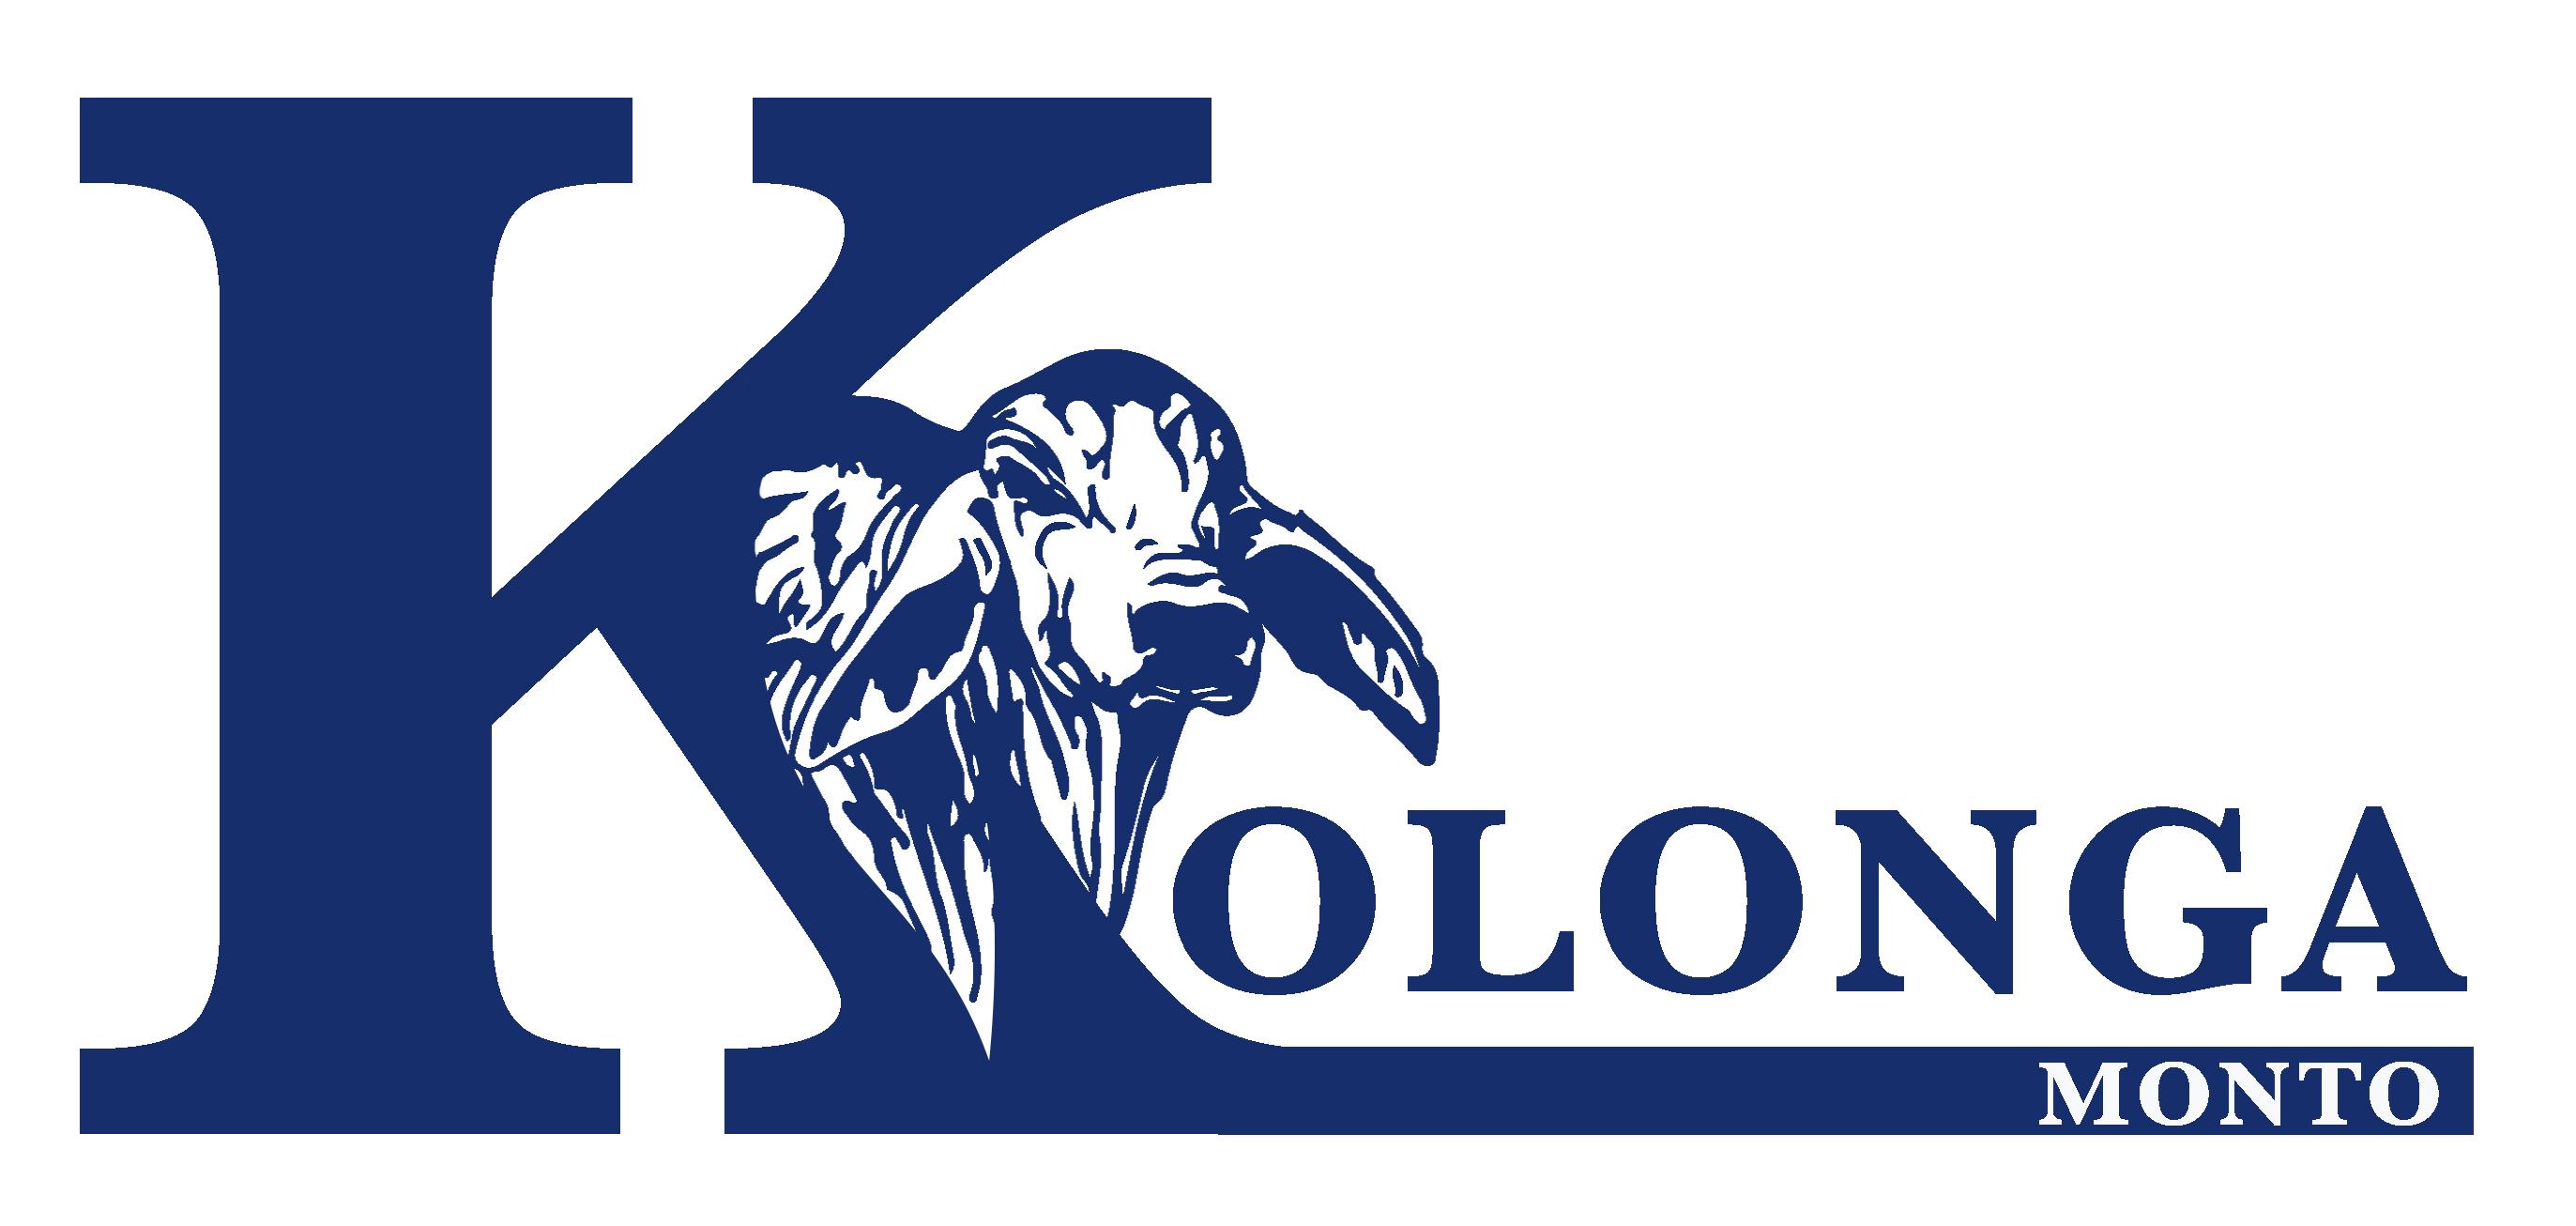 KOLONGA